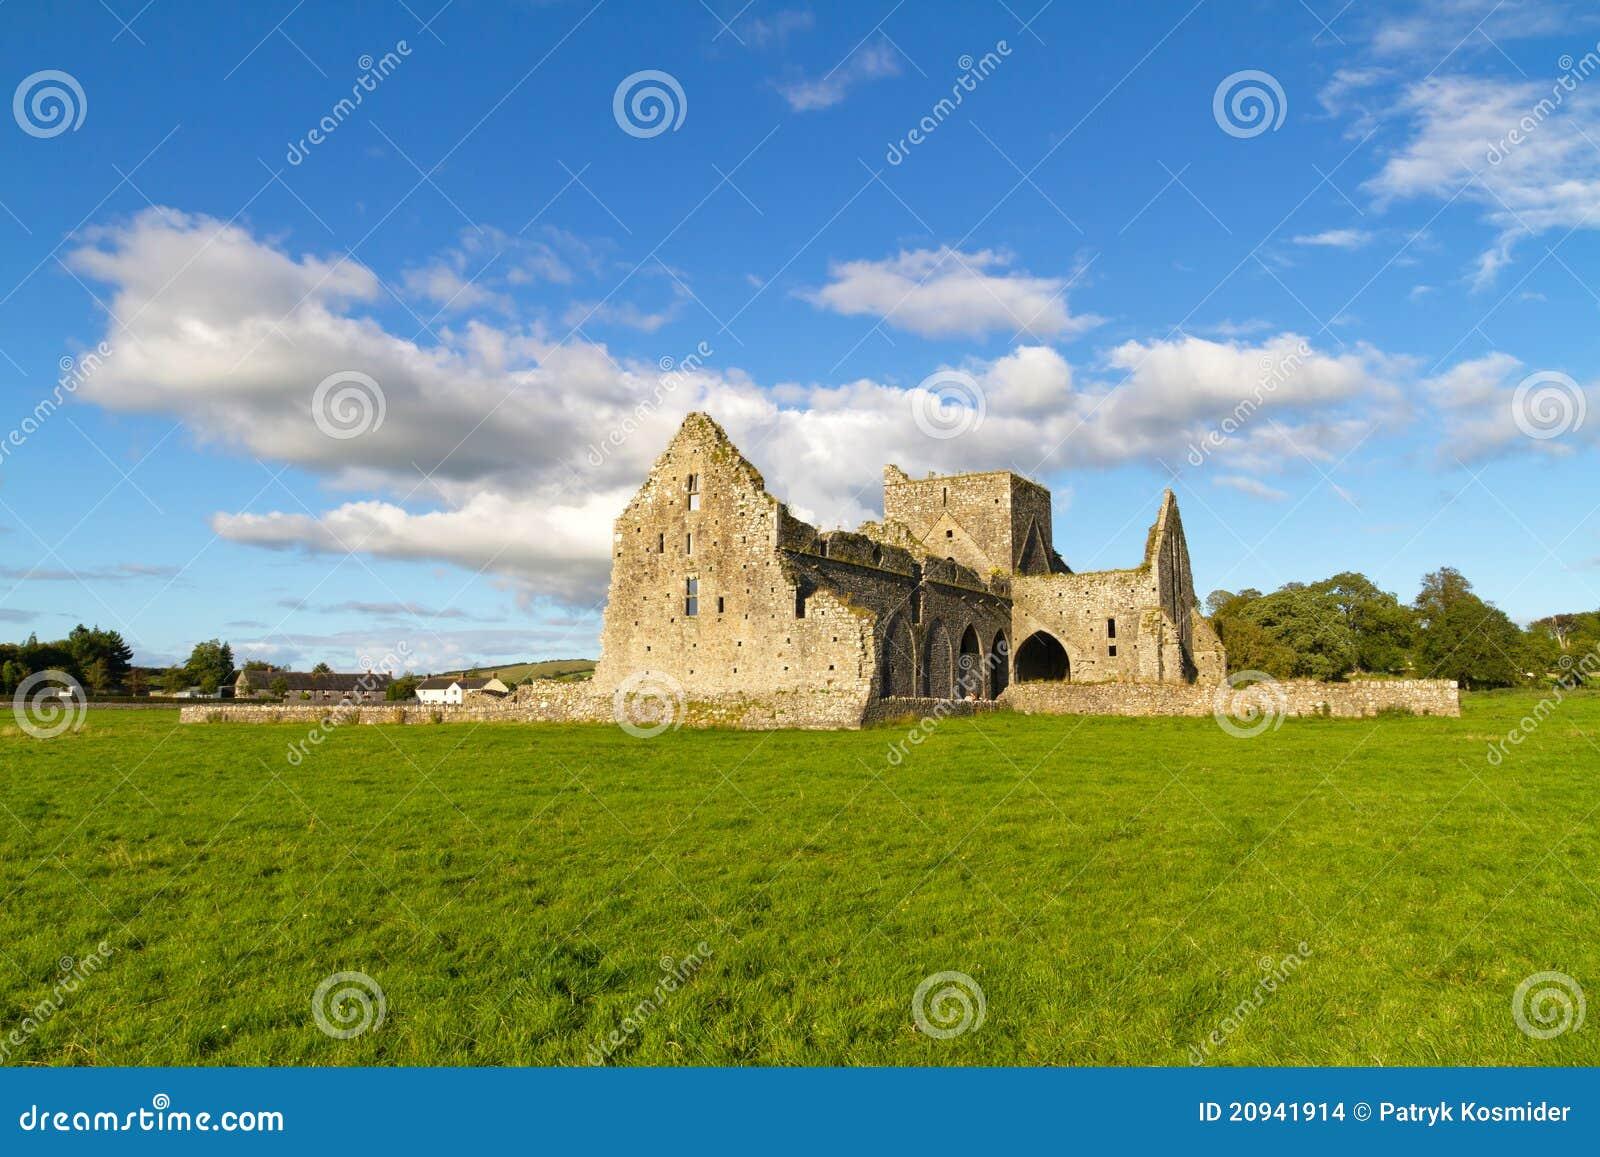 Hore abbey near the rock of cashel, co. tipperary, ireland